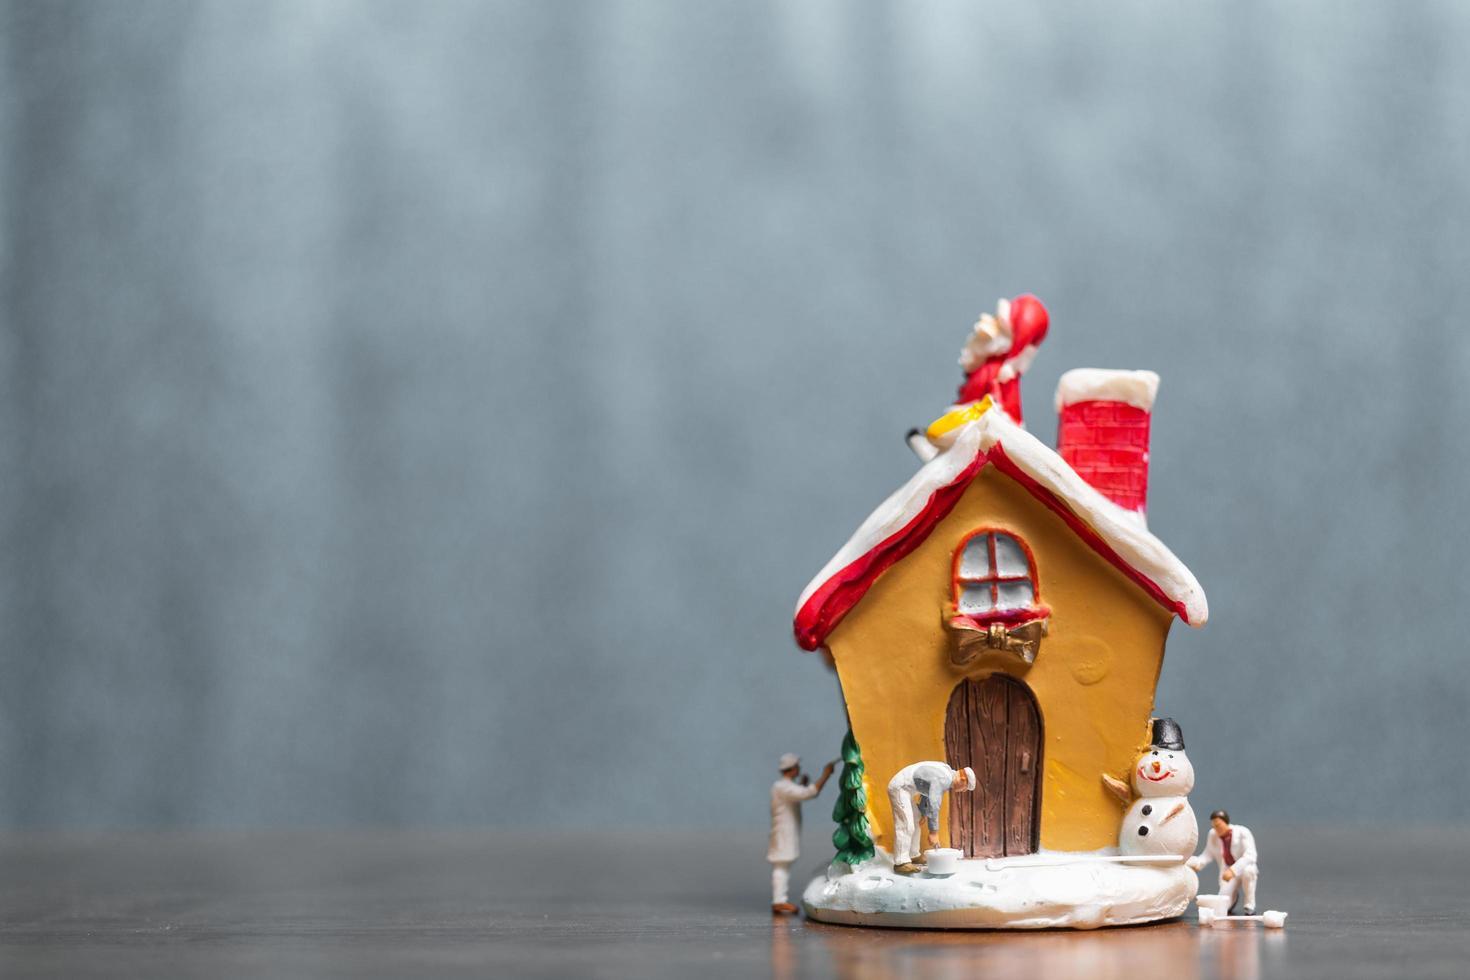 miniatyrfolk som målar ett hus och jultomten som sitter på taket, god jul och lycklig helgkoncept foto